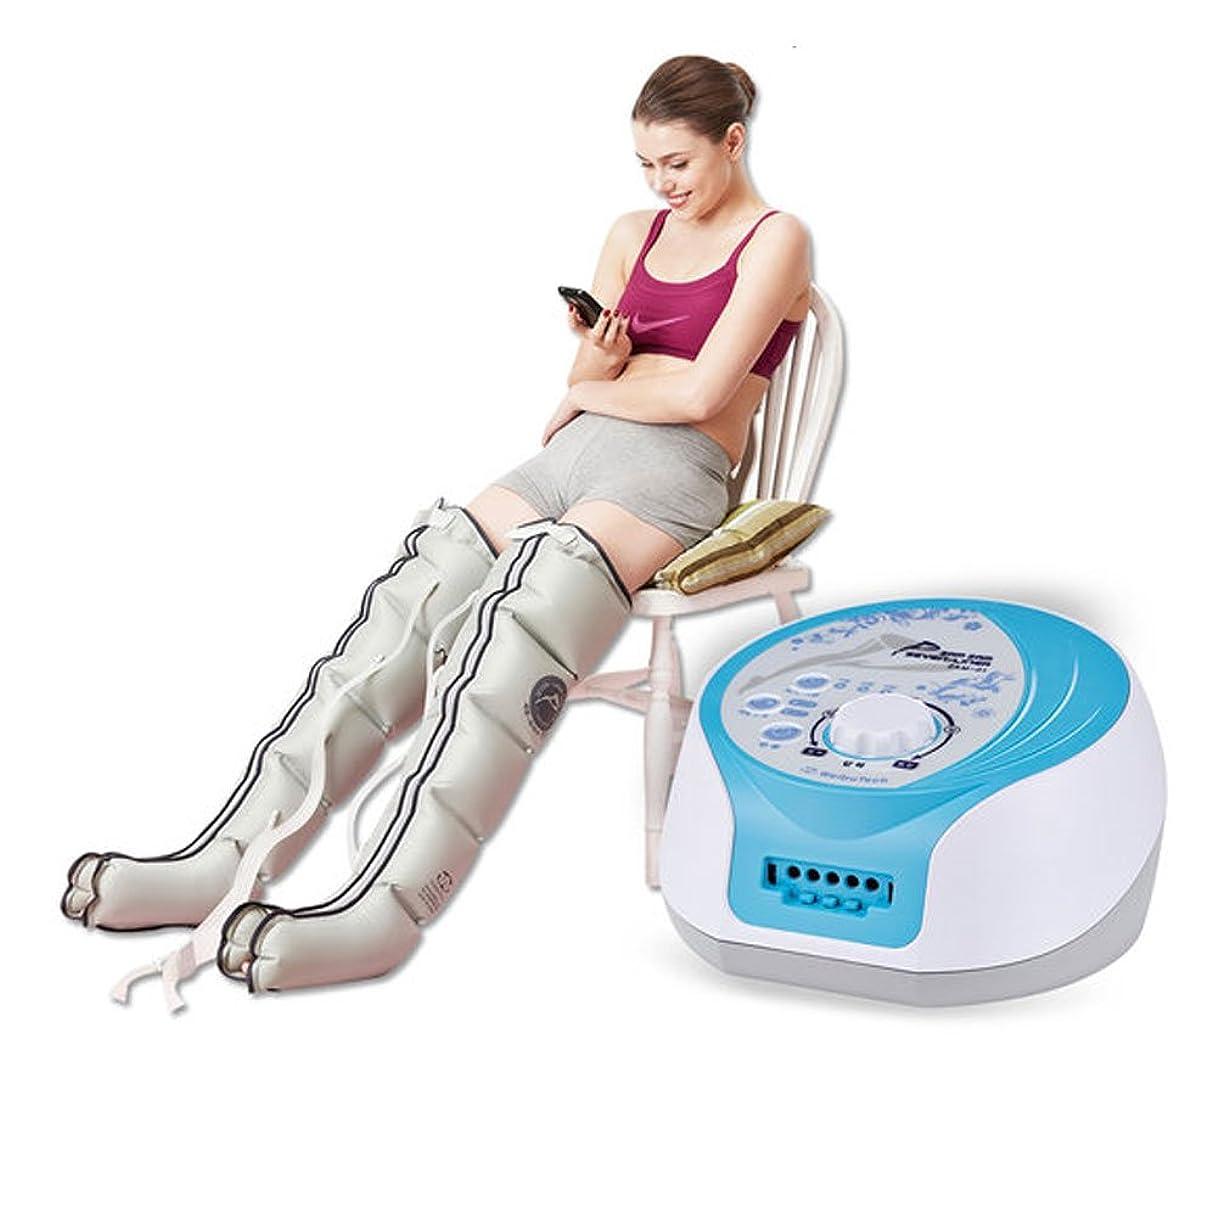 居間意義しっかりSeven Liner Zam Zam 01 Electronic Air Pressure Leg Massager 電子脚マッサージャー 空気圧マッサージ器 [海外並行輸入品]